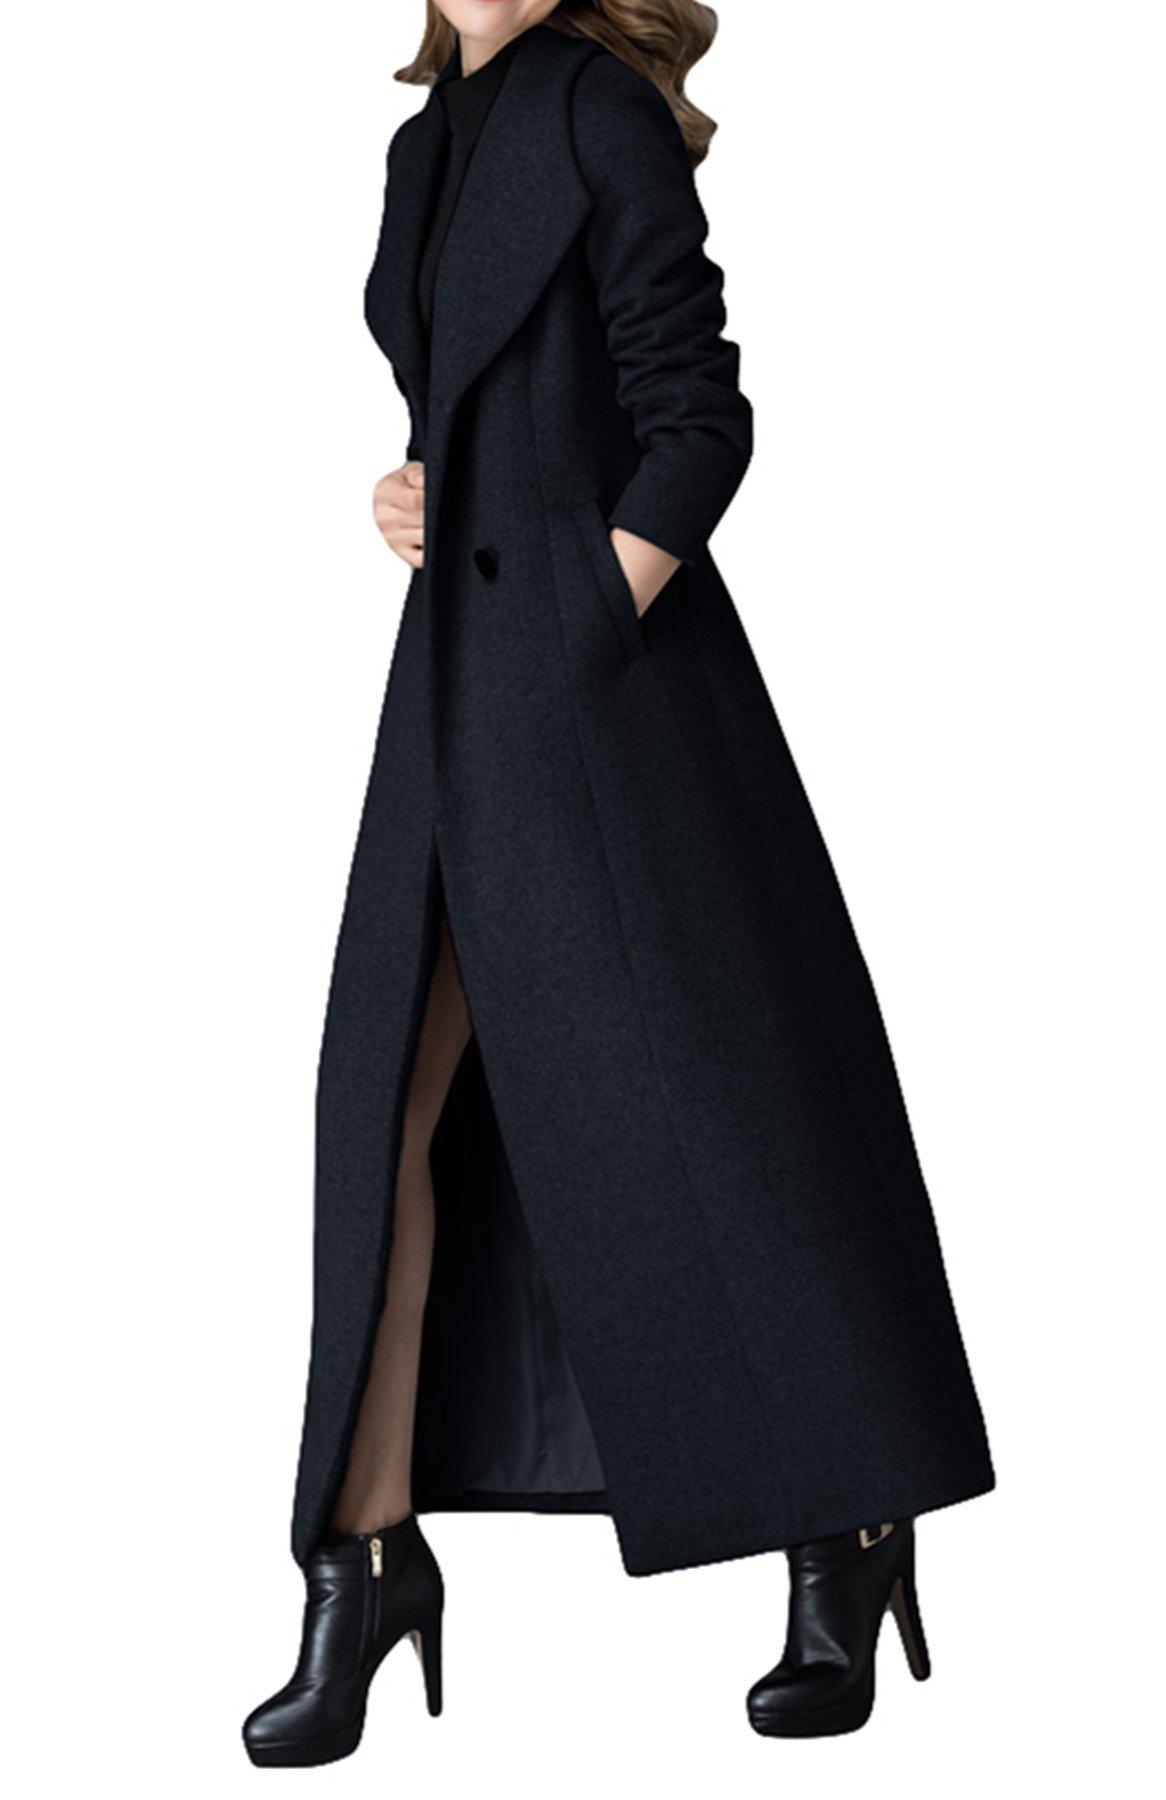 PENER Women's New V-neck cashmere coat Long Trench Coat Woolen coat (US 2)